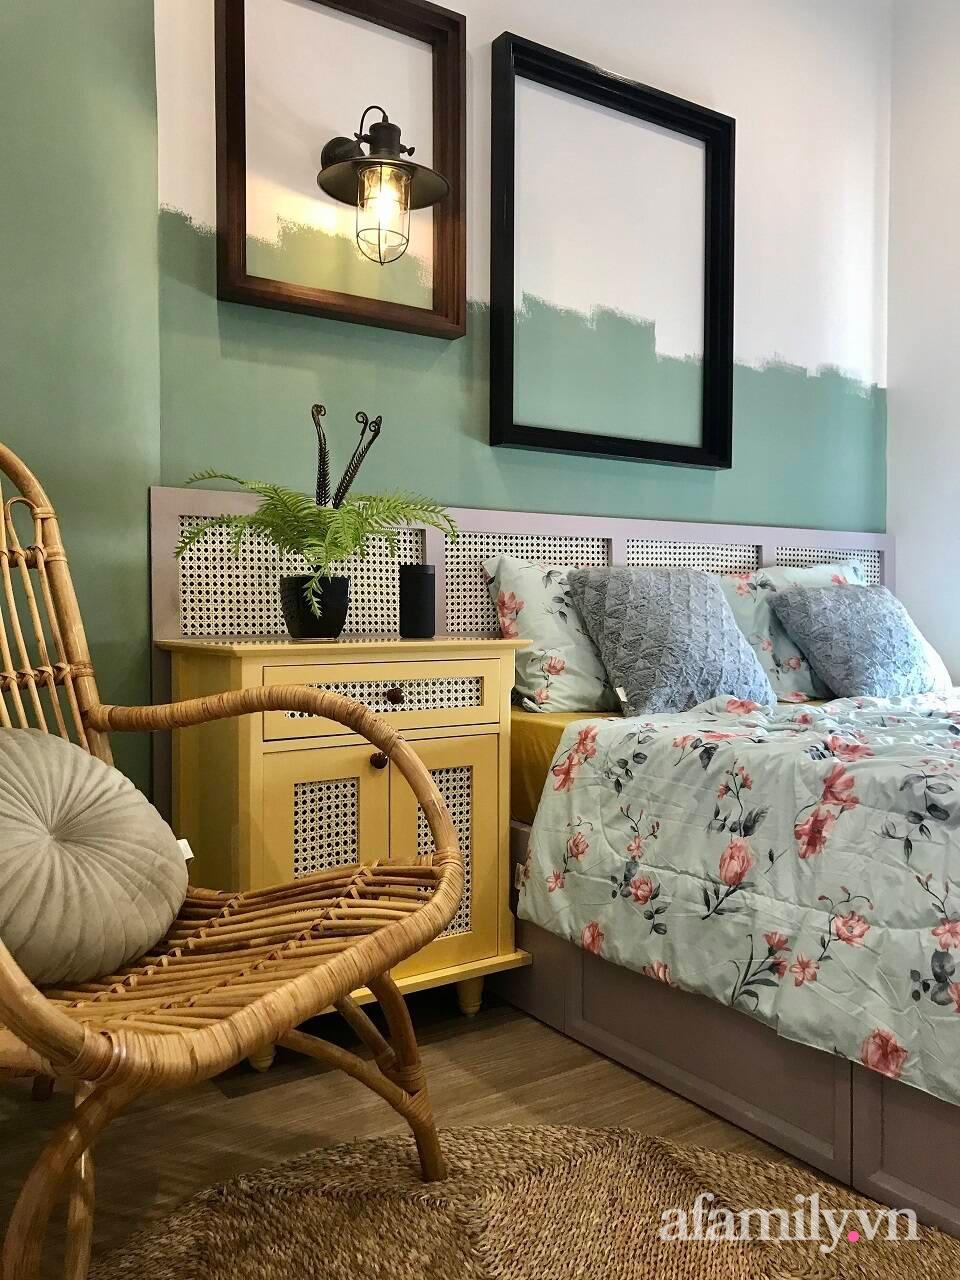 Căn hộ 3 phòng ngủ đẹp tinh tế với phong cách Indochine ở Vinhomes Ocean Park, Hà Nội - Ảnh 14.